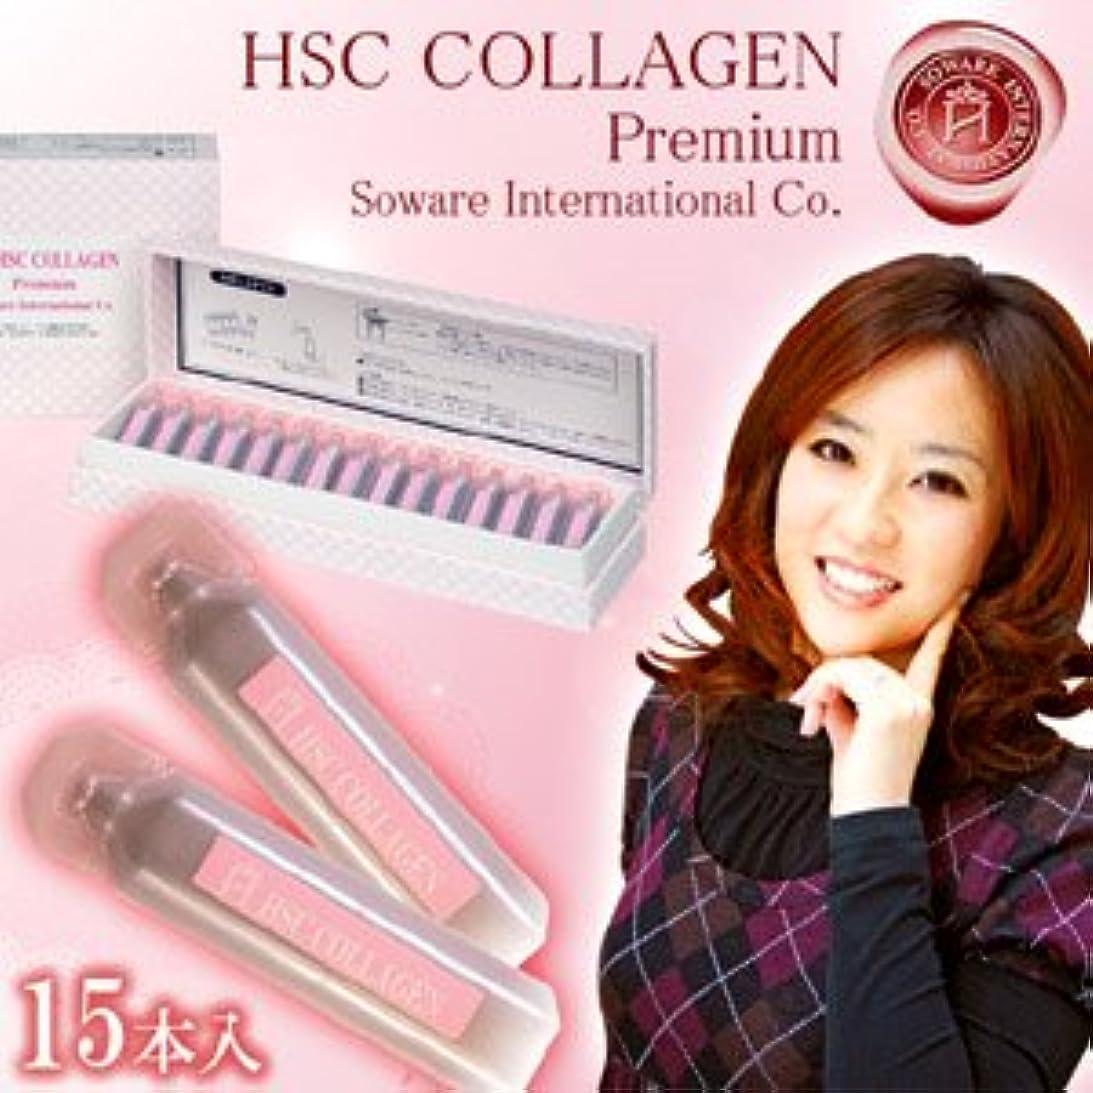 一貫したセンサー容量生コラーゲン濃縮液 HSCコラーゲンプレミアム(15本組)